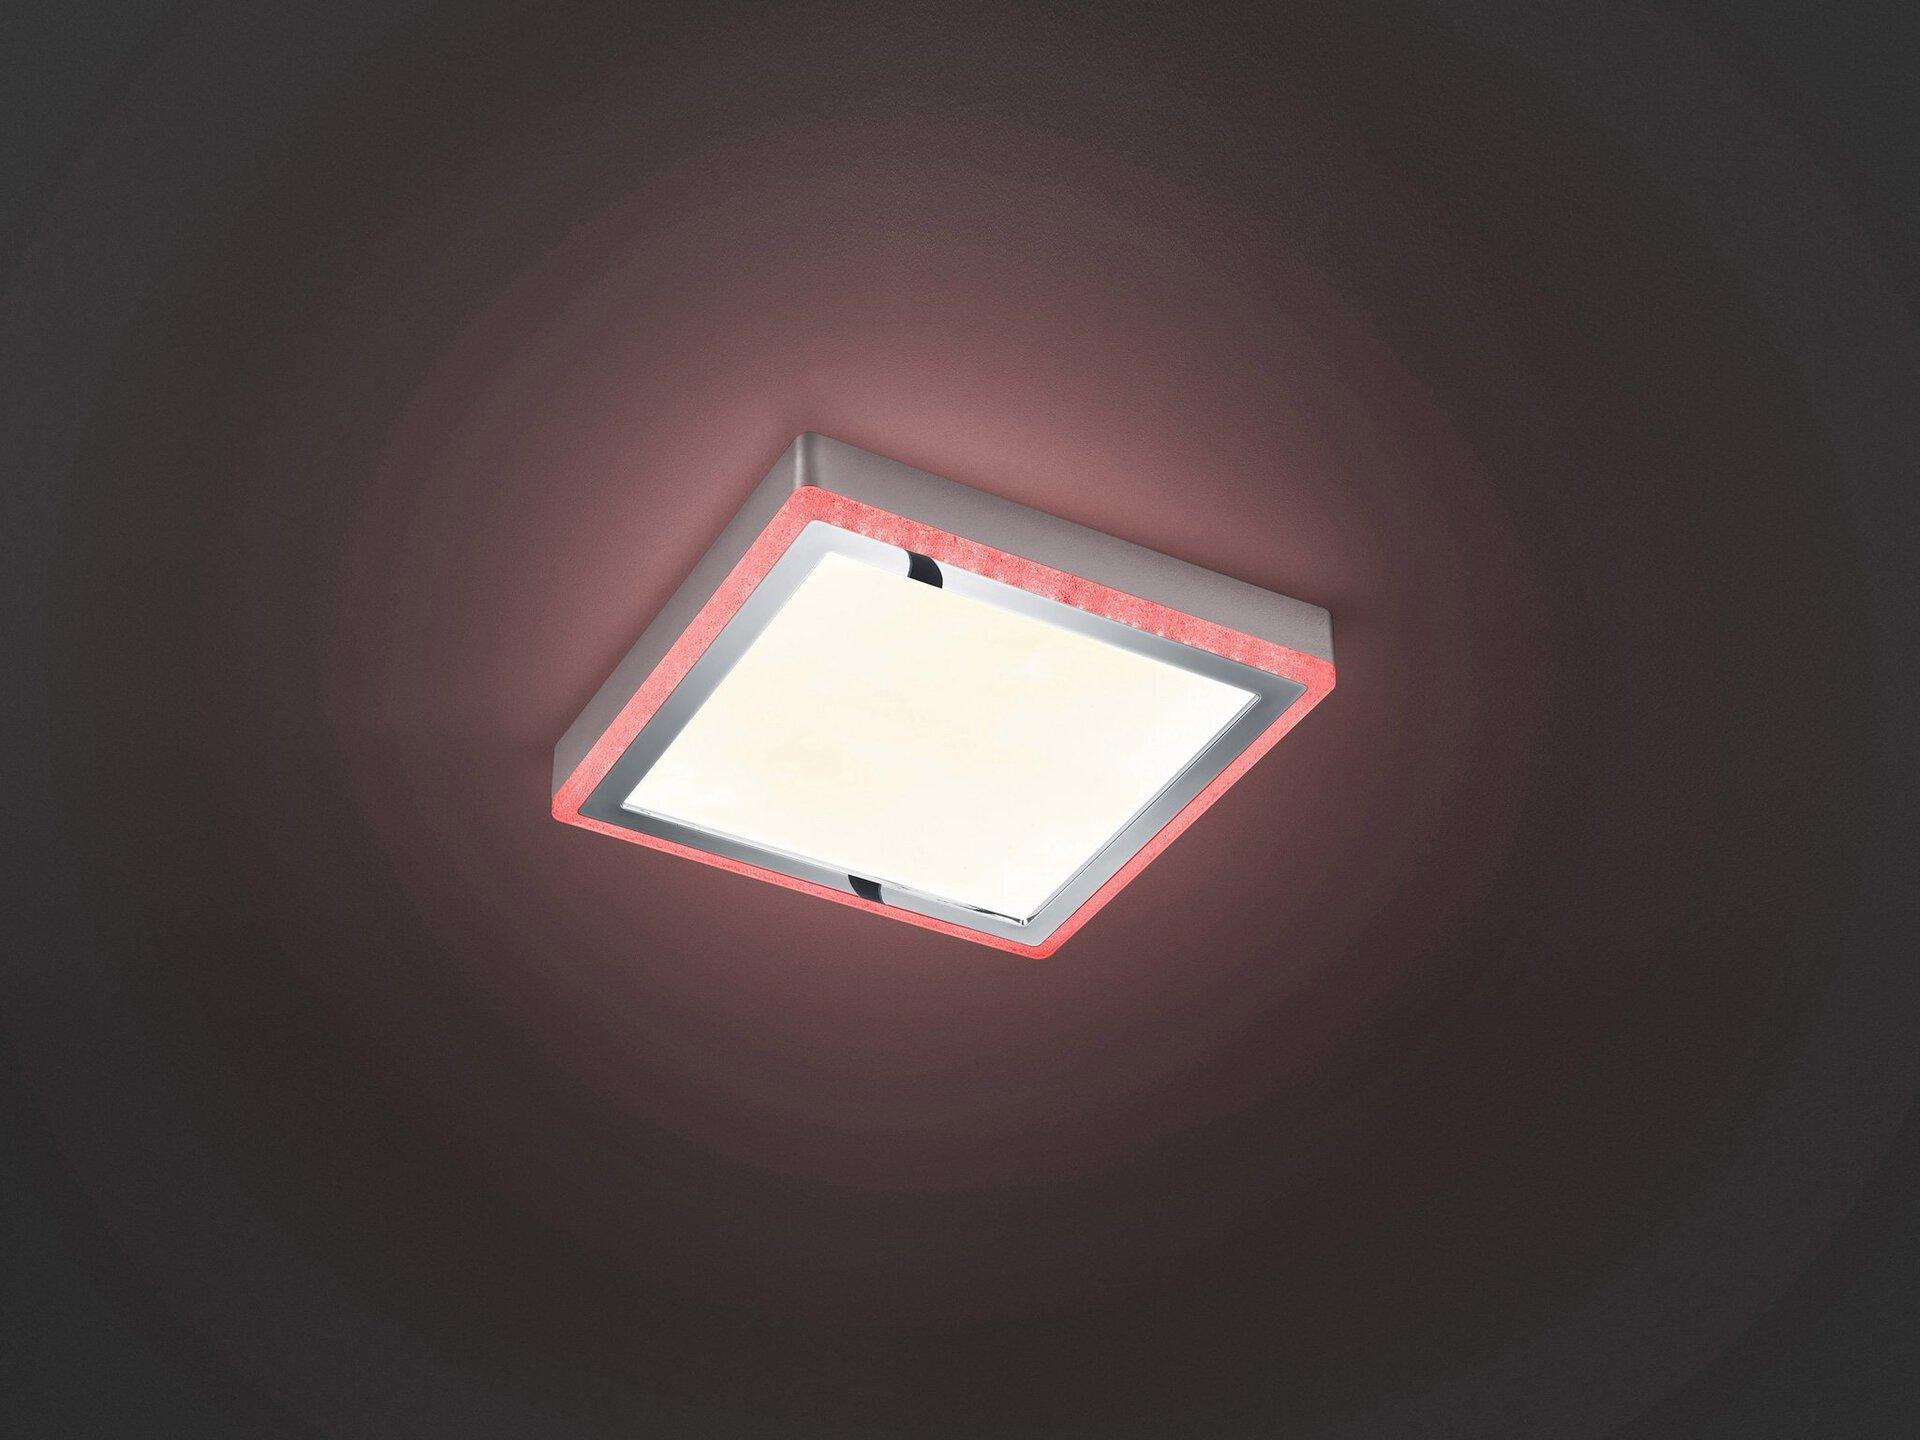 Deckenleuchte Slide Reality Leuchten Kunststoff 25 x 5 x 25 cm